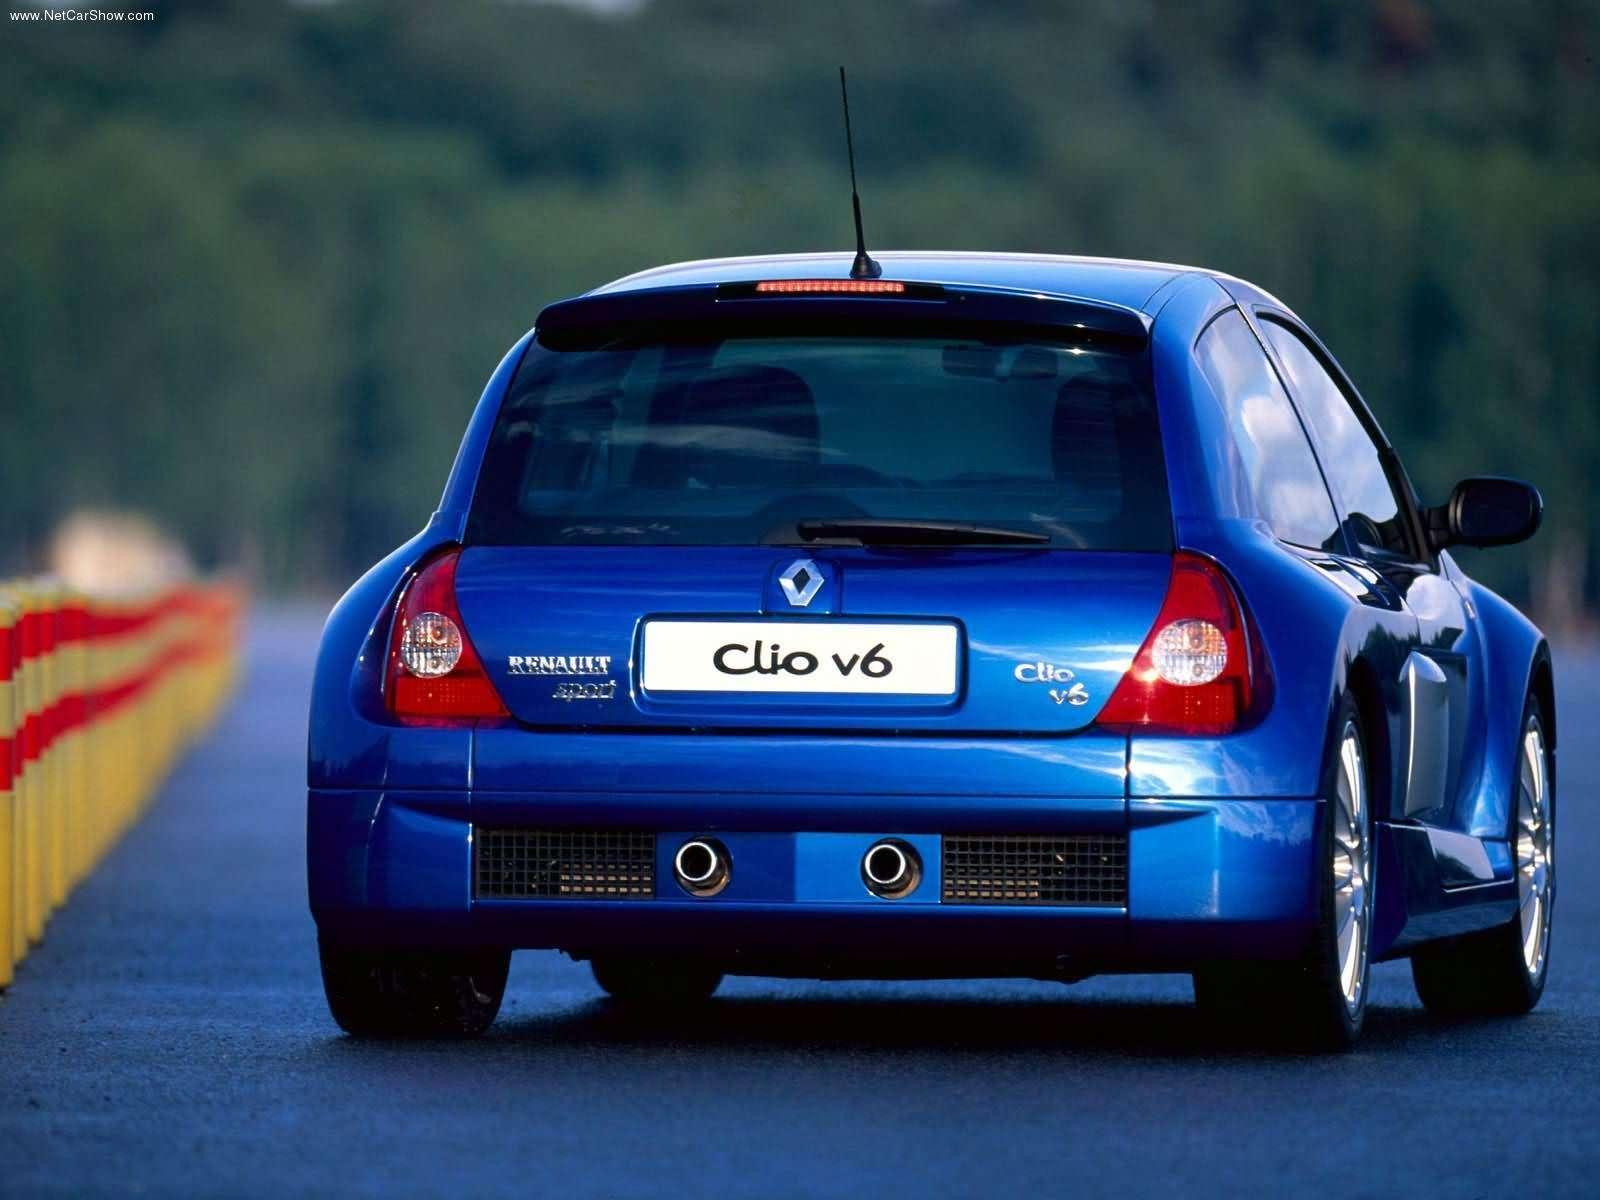 2 Door Car >> 3DTuning of Renault Sport Clio V6 3 Door Hatchback 2003 3DTuning.com - unique on-line car ...